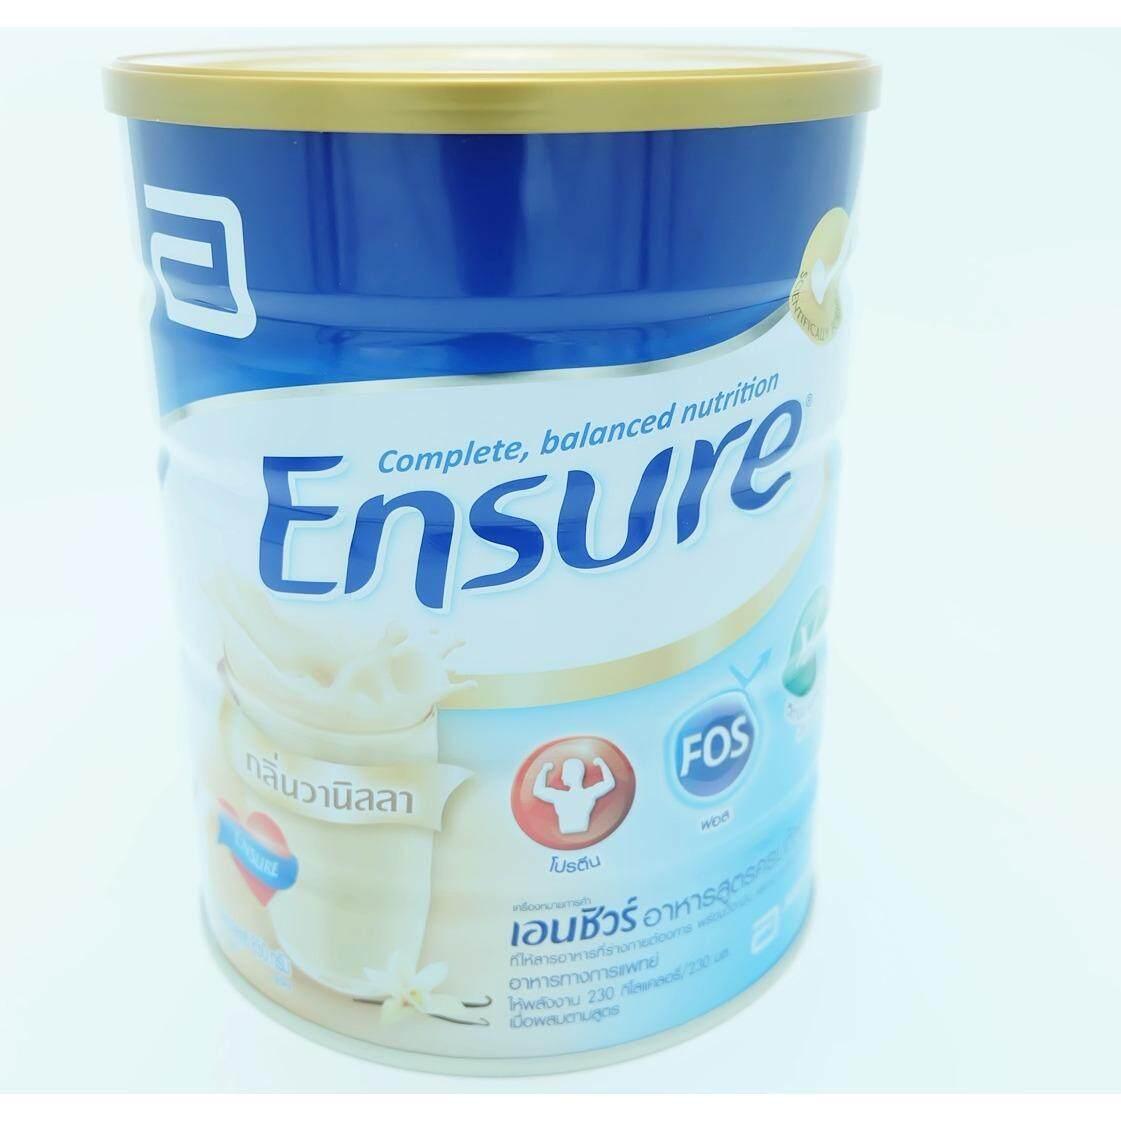 โปรโมชั่น Ensure เอนชัวร์อาหารสูตรครบถ้วน กลิ่นวานิลลา ขนาด 850G แพค 3 กระป๋อง กรุงเทพมหานคร